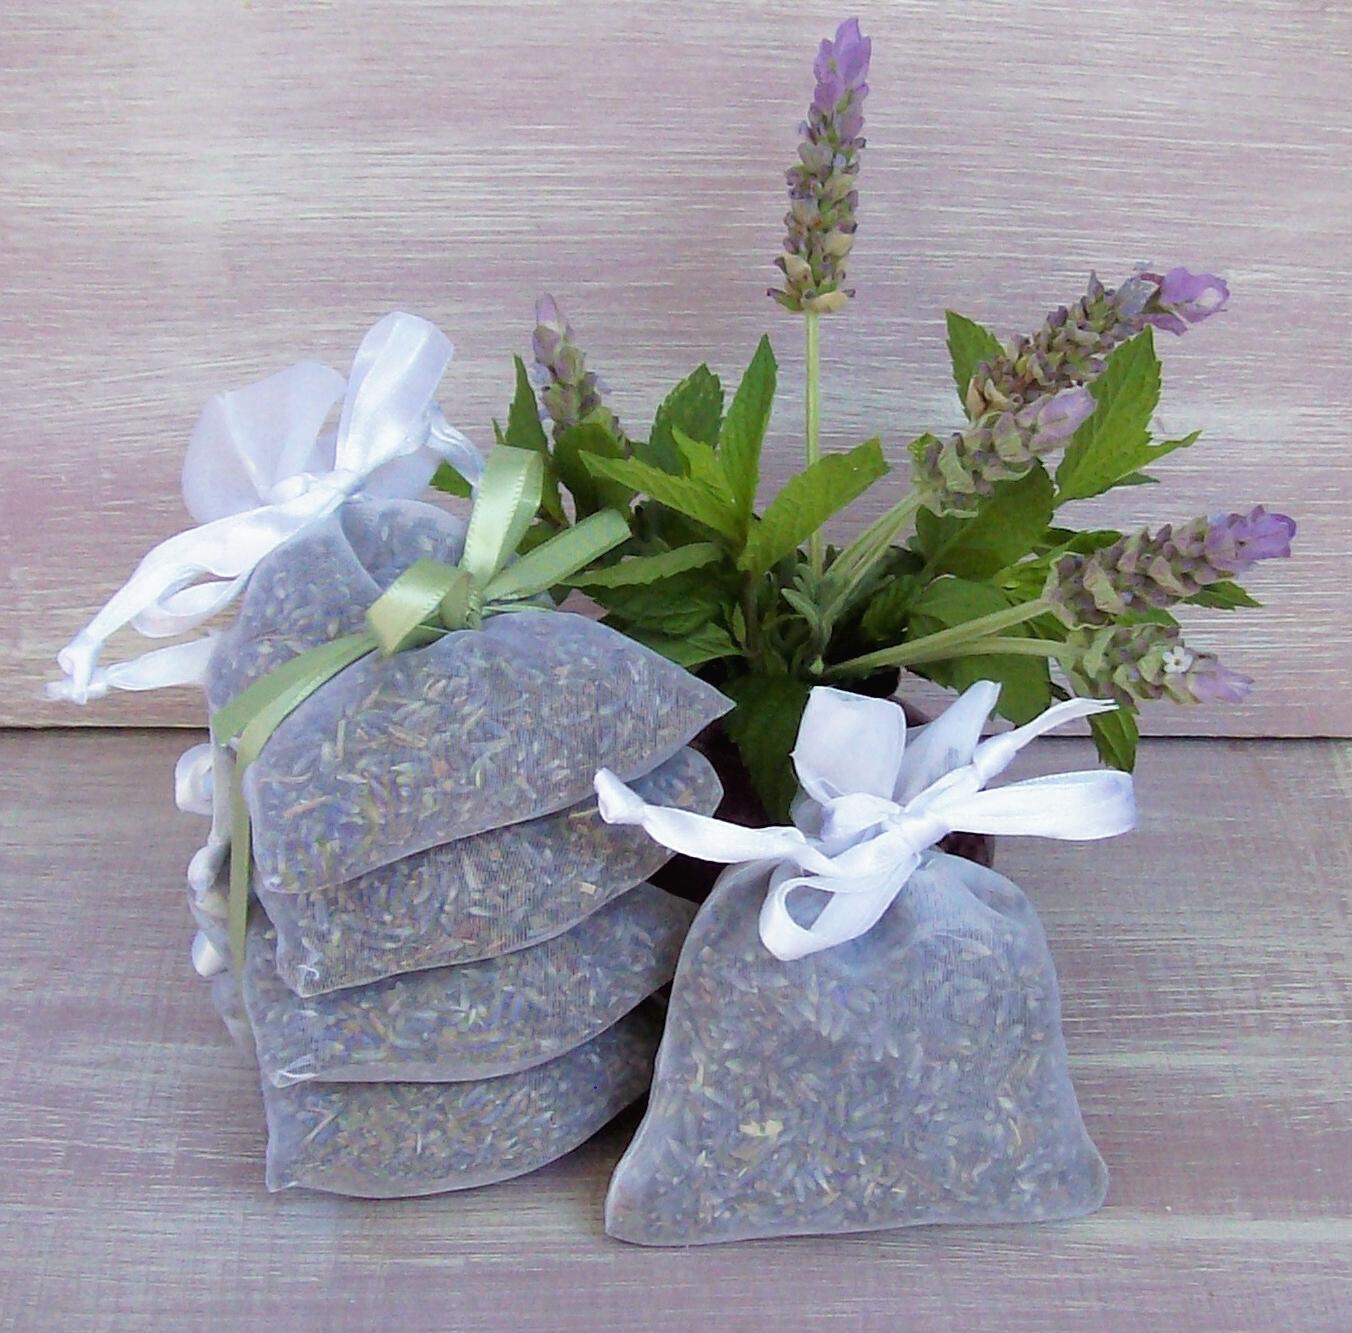 Lavender Sachet With Mint By Lavender Fanatic Lavender